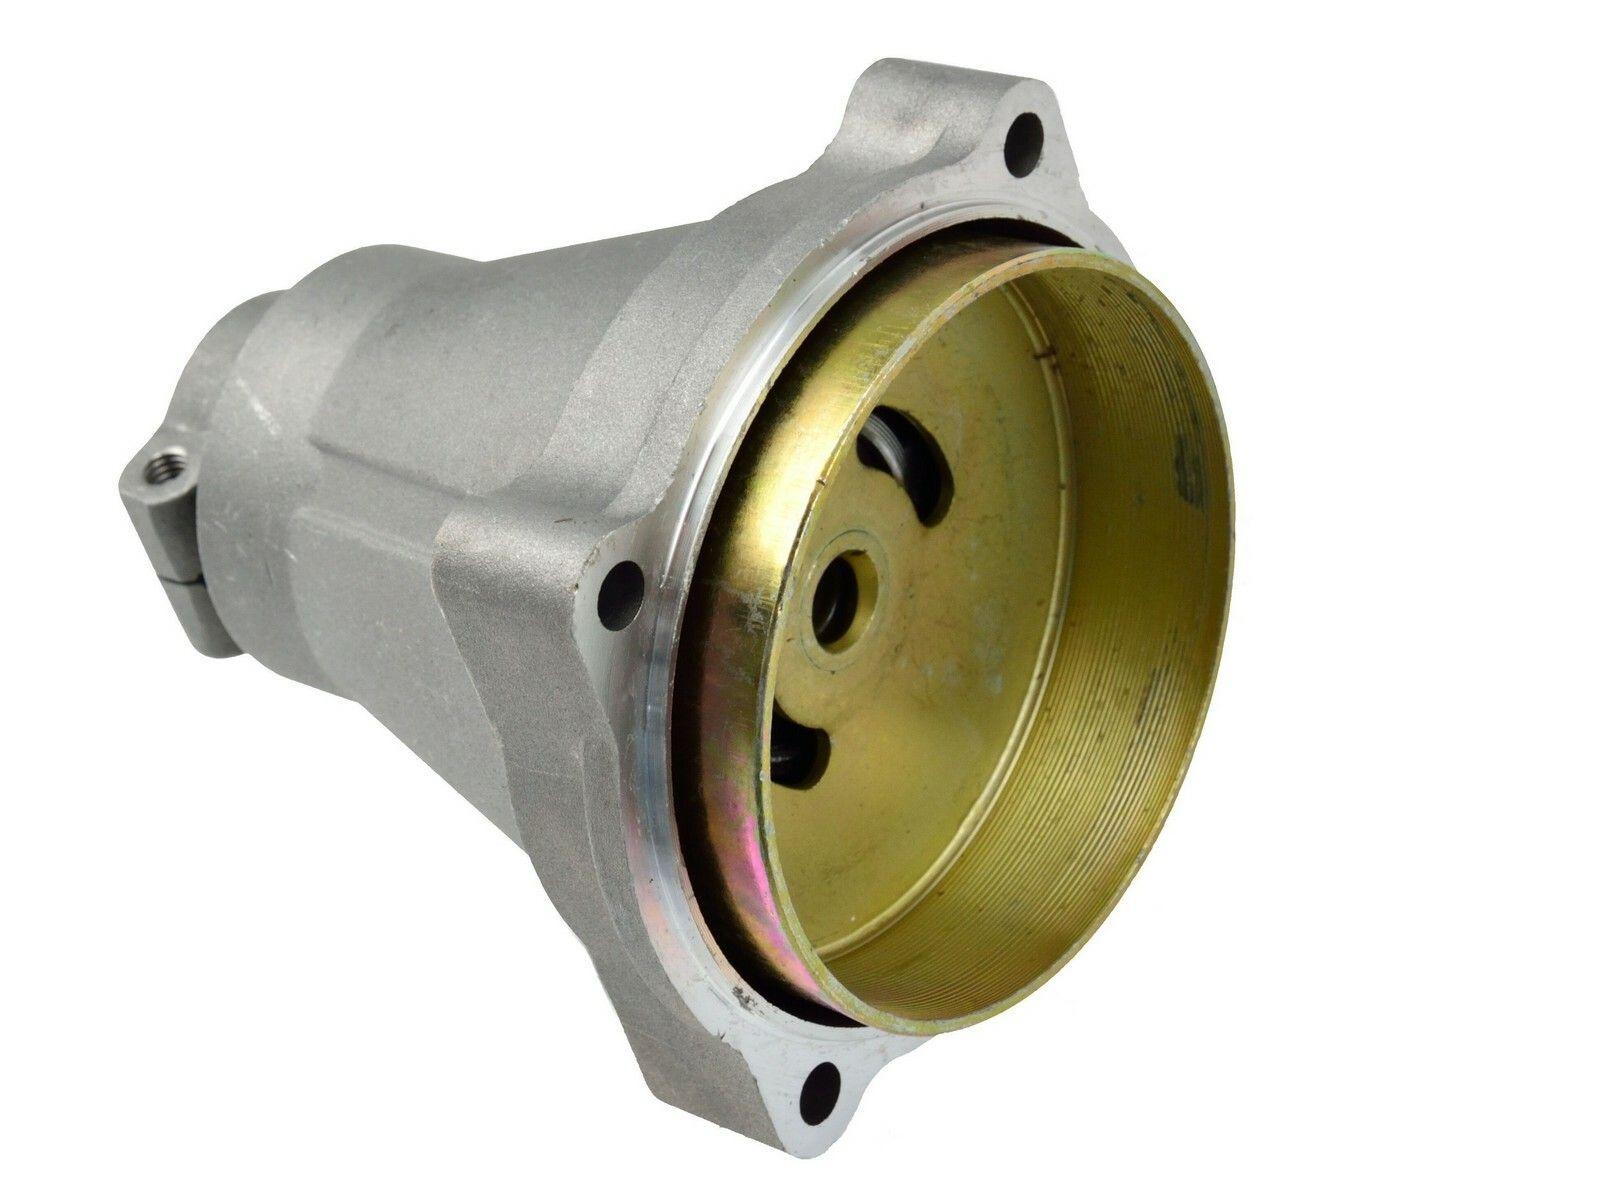 Spojkový buben pro křovinořez, 9 zubů 26 mm - náhradní díl GEKO